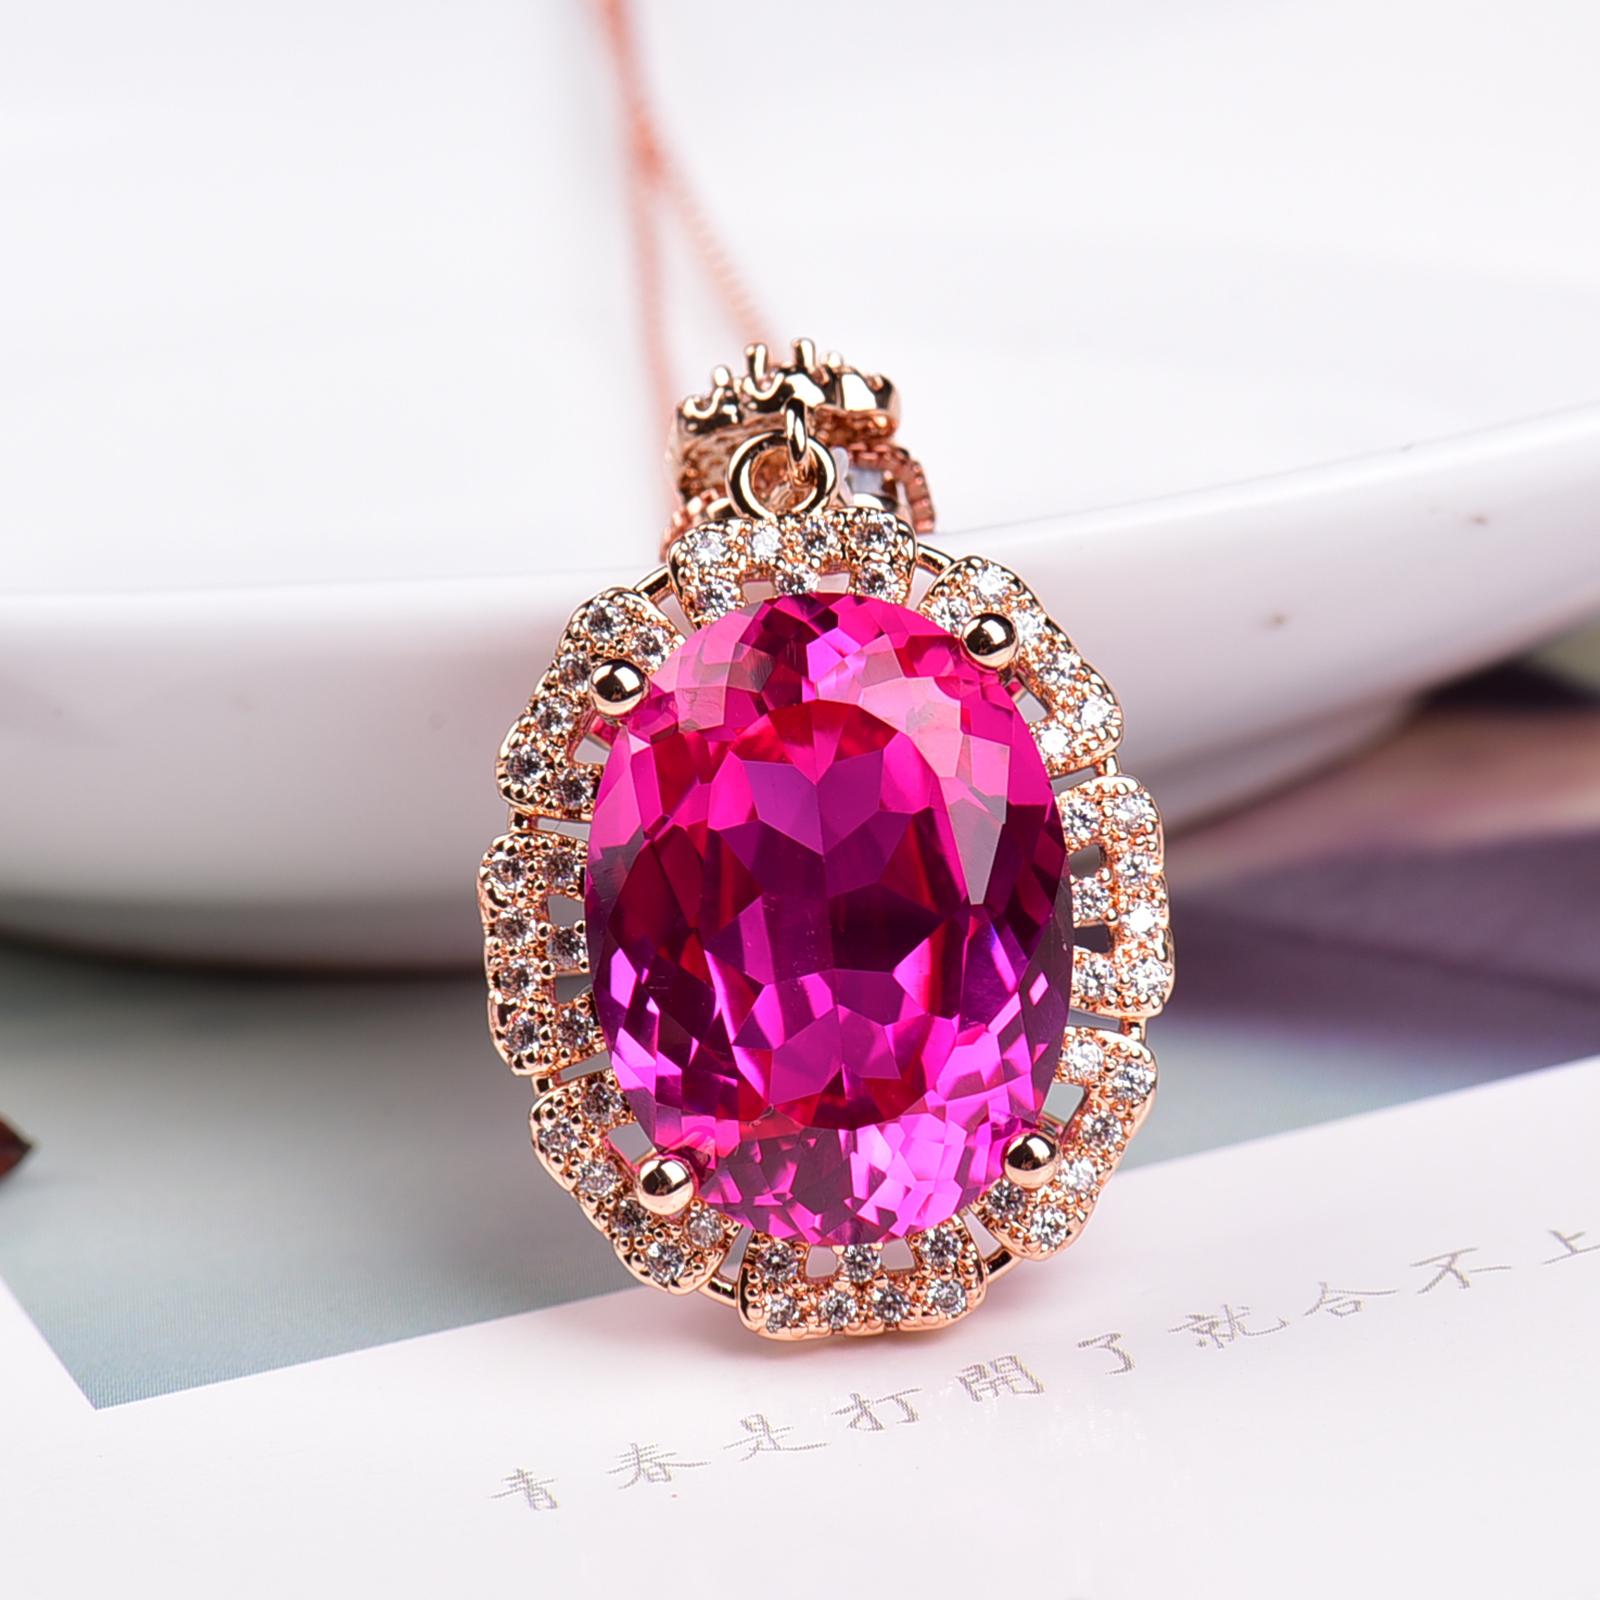 粉托帕石吊坠可做毛衣链 吊坠 彩宝简单甜美大气925银电镀玫瑰金